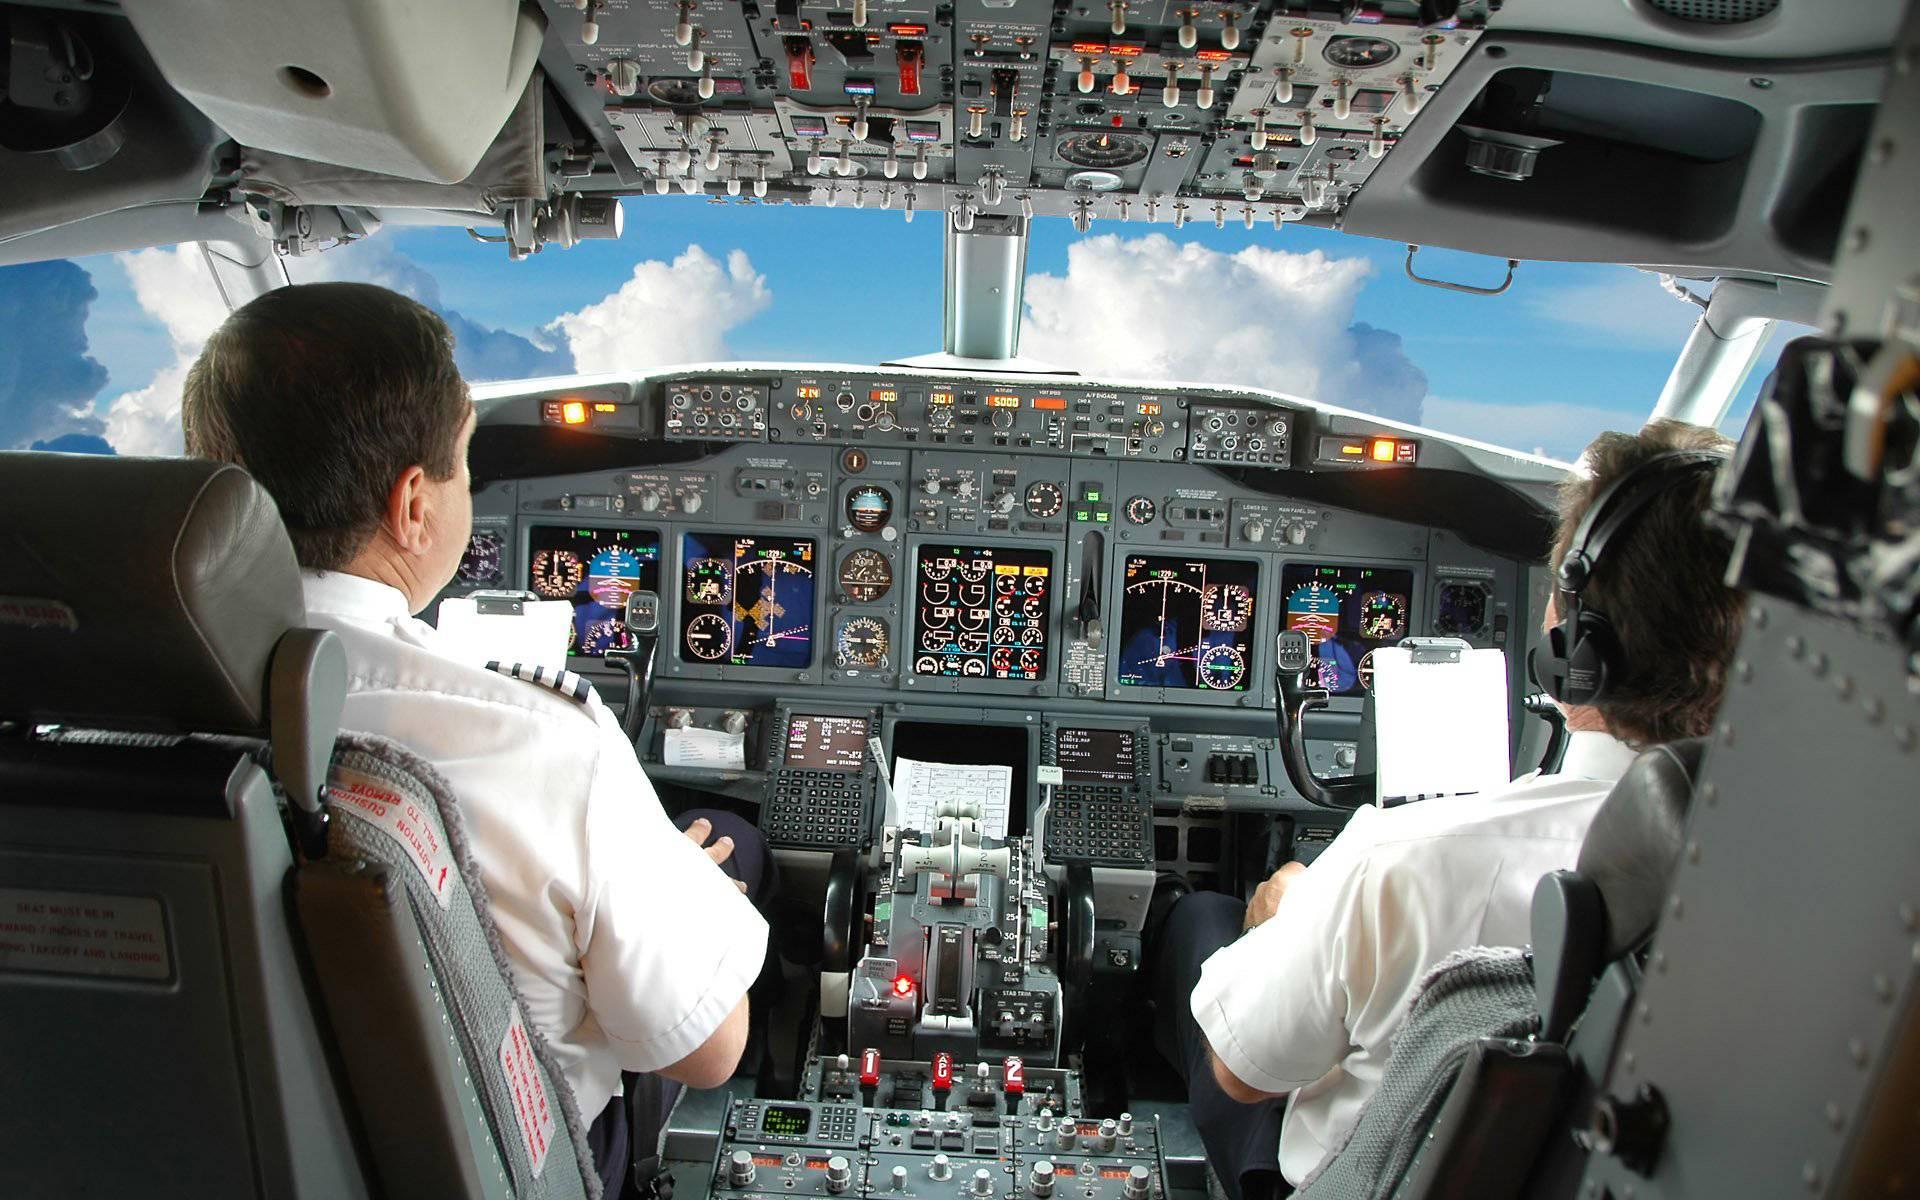 обои кабина пилота, боинг, панель управления, датчики картинки фото